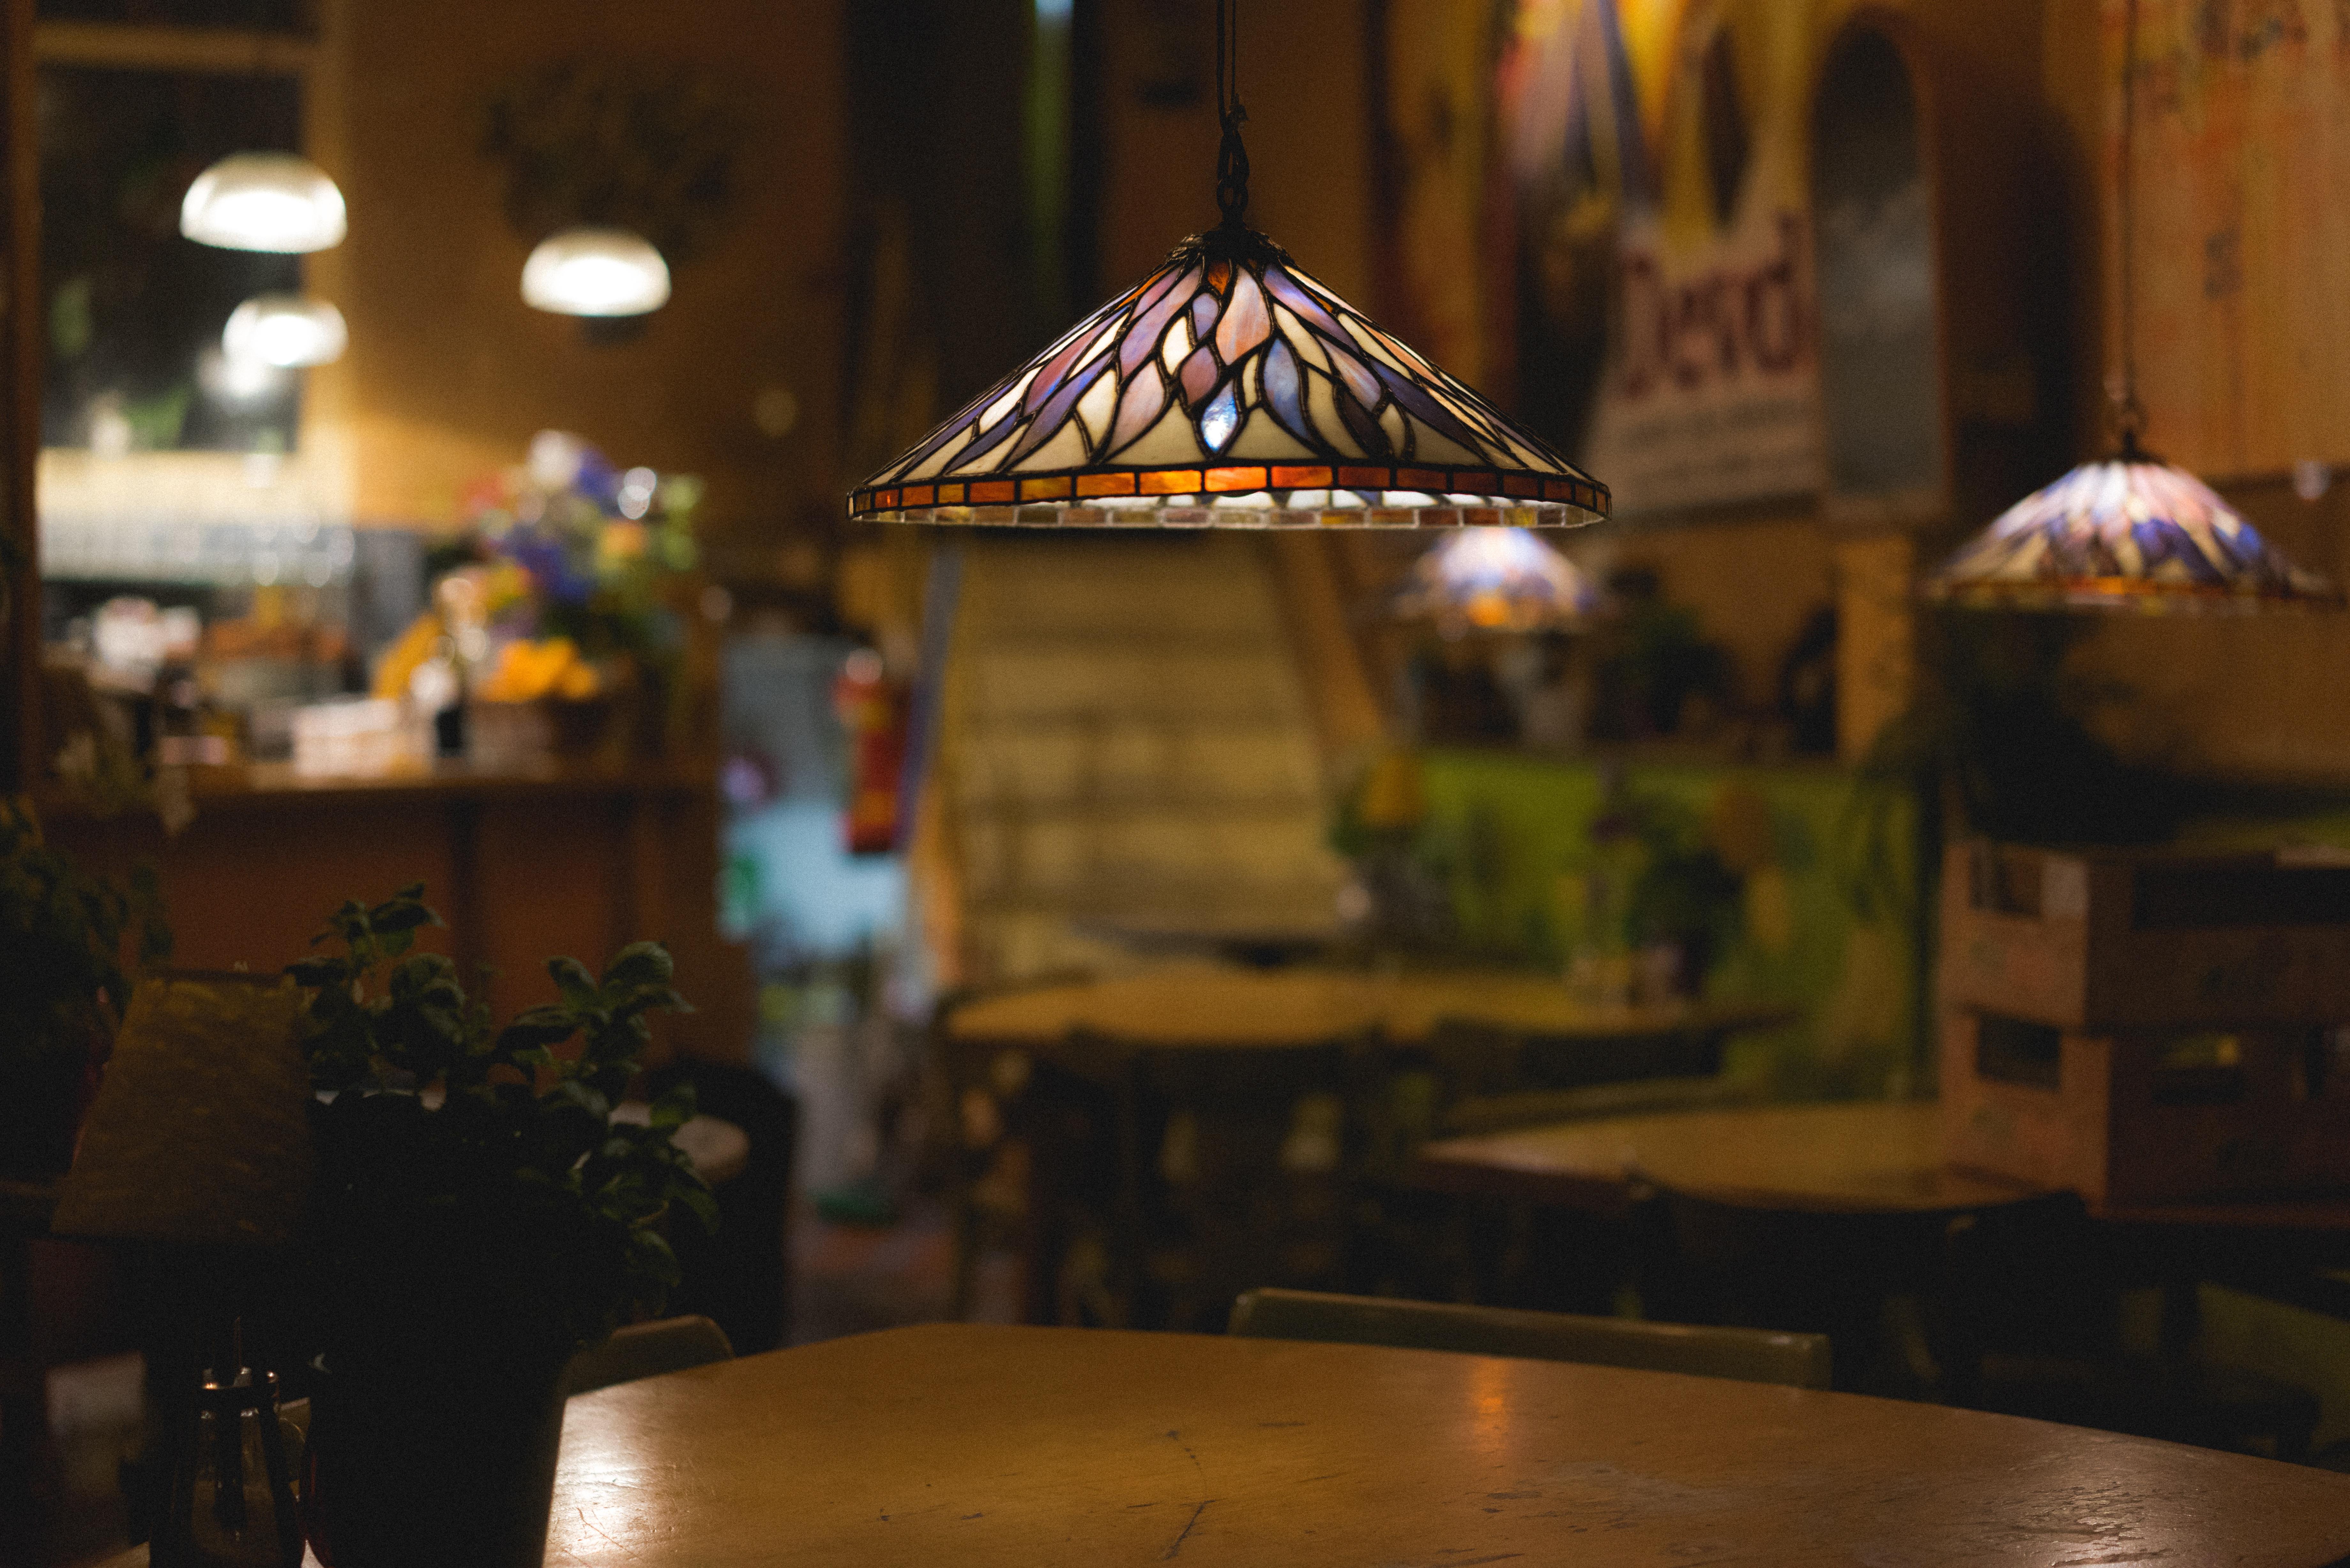 Gambar Cahaya Malam Restoran Bar Kap Lampu Penerangan Rumah